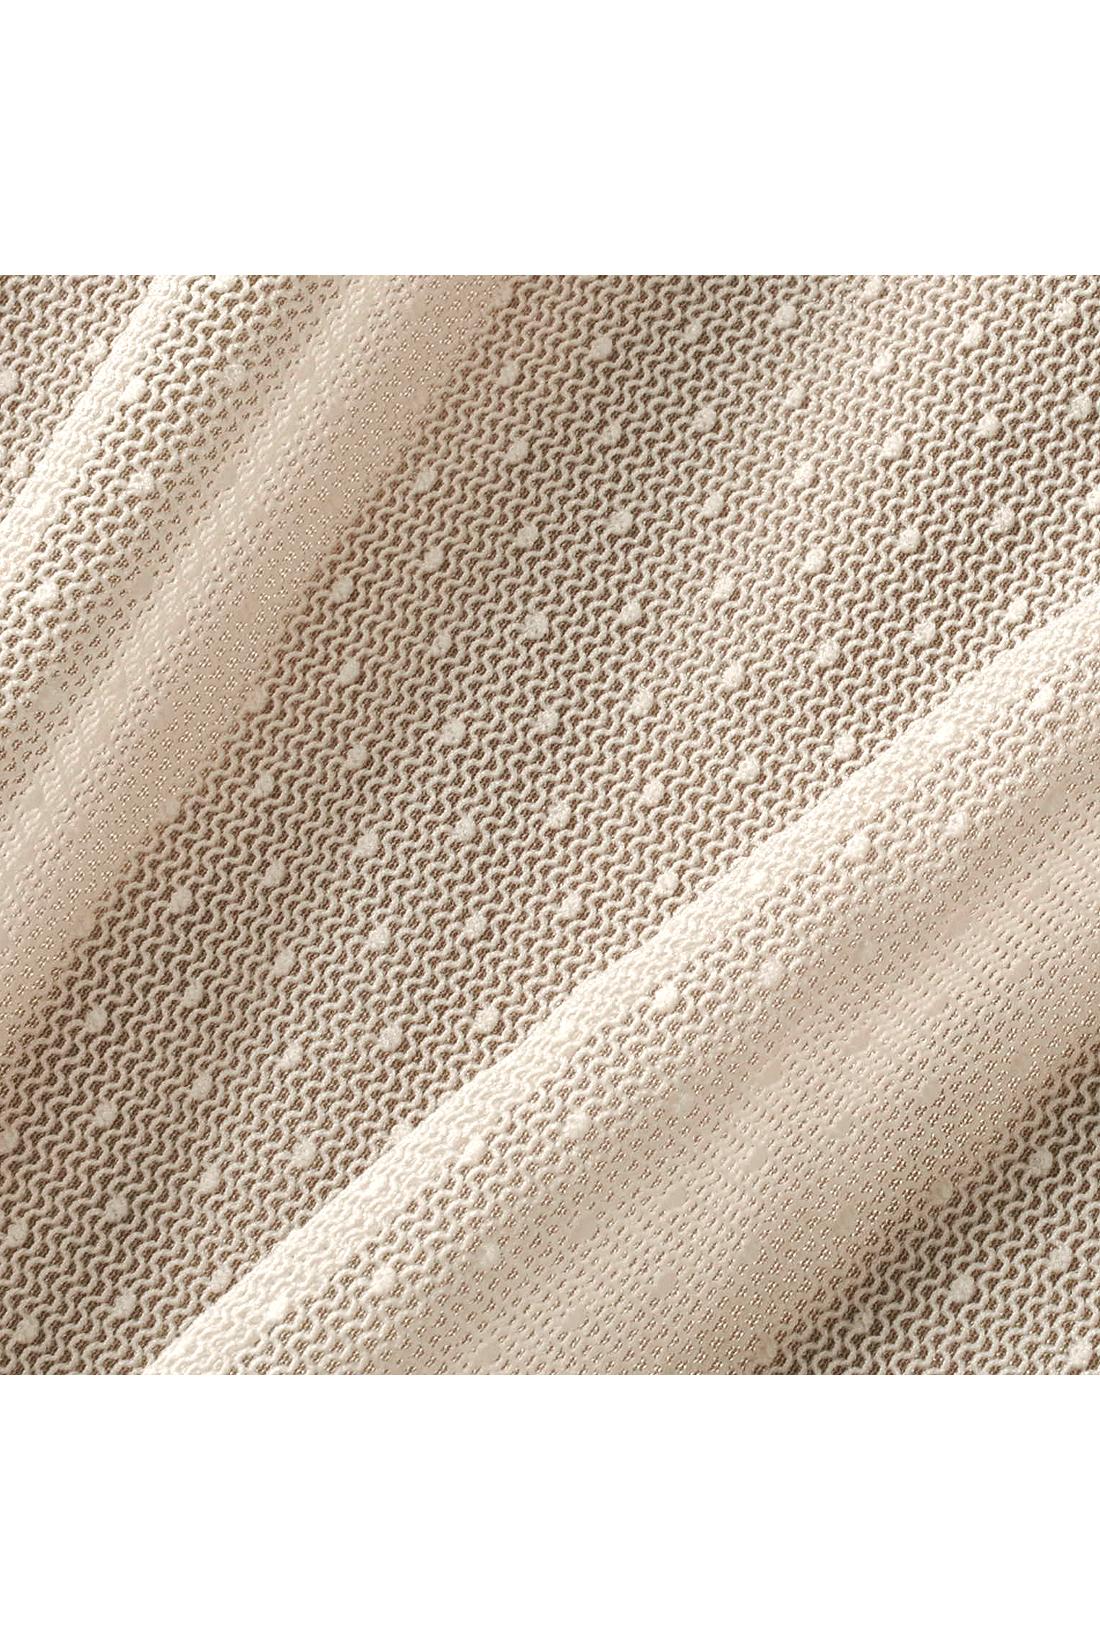 光沢と発色性の高い特殊糸を使ったブライトスムース素材に、軽やかな透け感のドットチュールを重ねて。